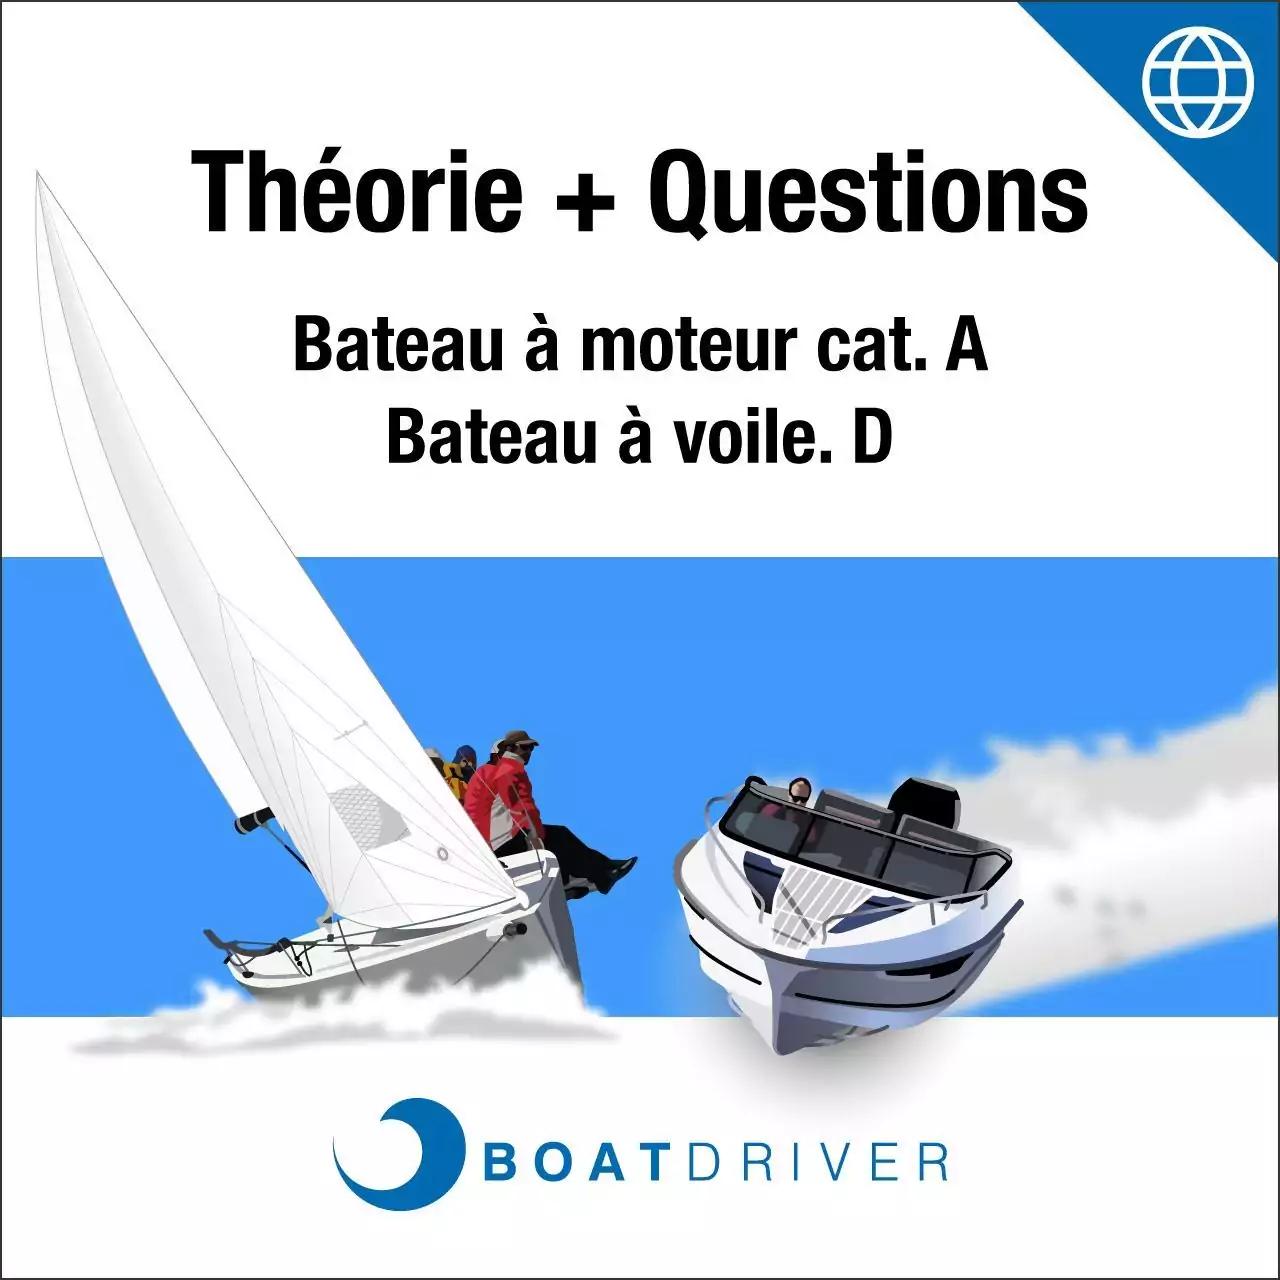 Online | BoatDriver - Théorie + questions d'examen bateau à moteur/bateau à voile cat. A/D